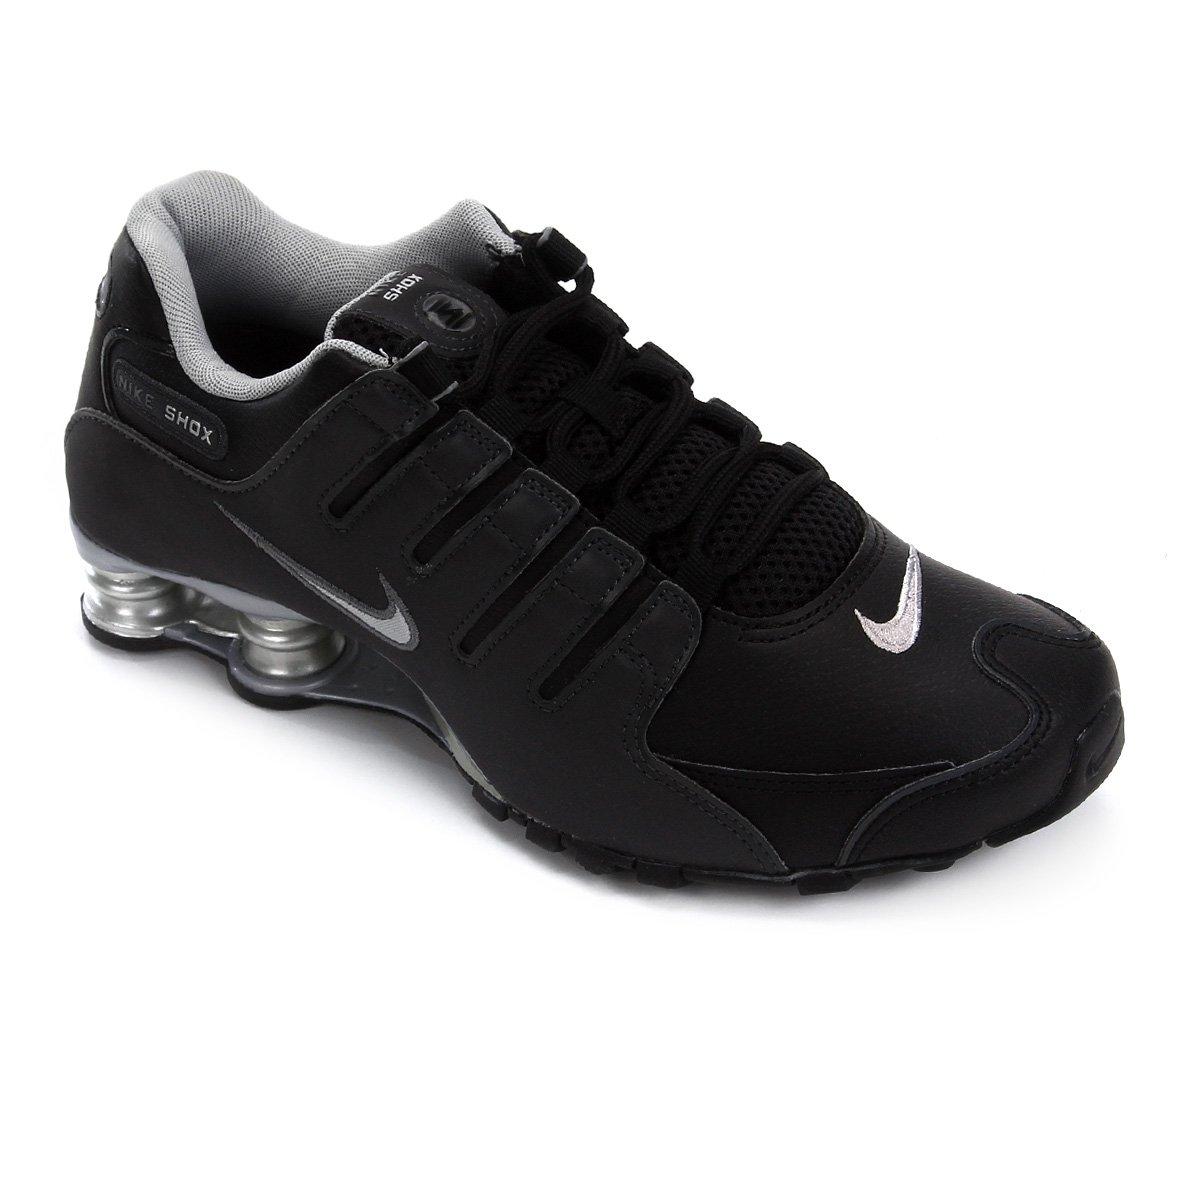 6c87ca600a Tênis Nike Shox Nz Eu Masculino - Preto e Prata | Allianz Parque Shop